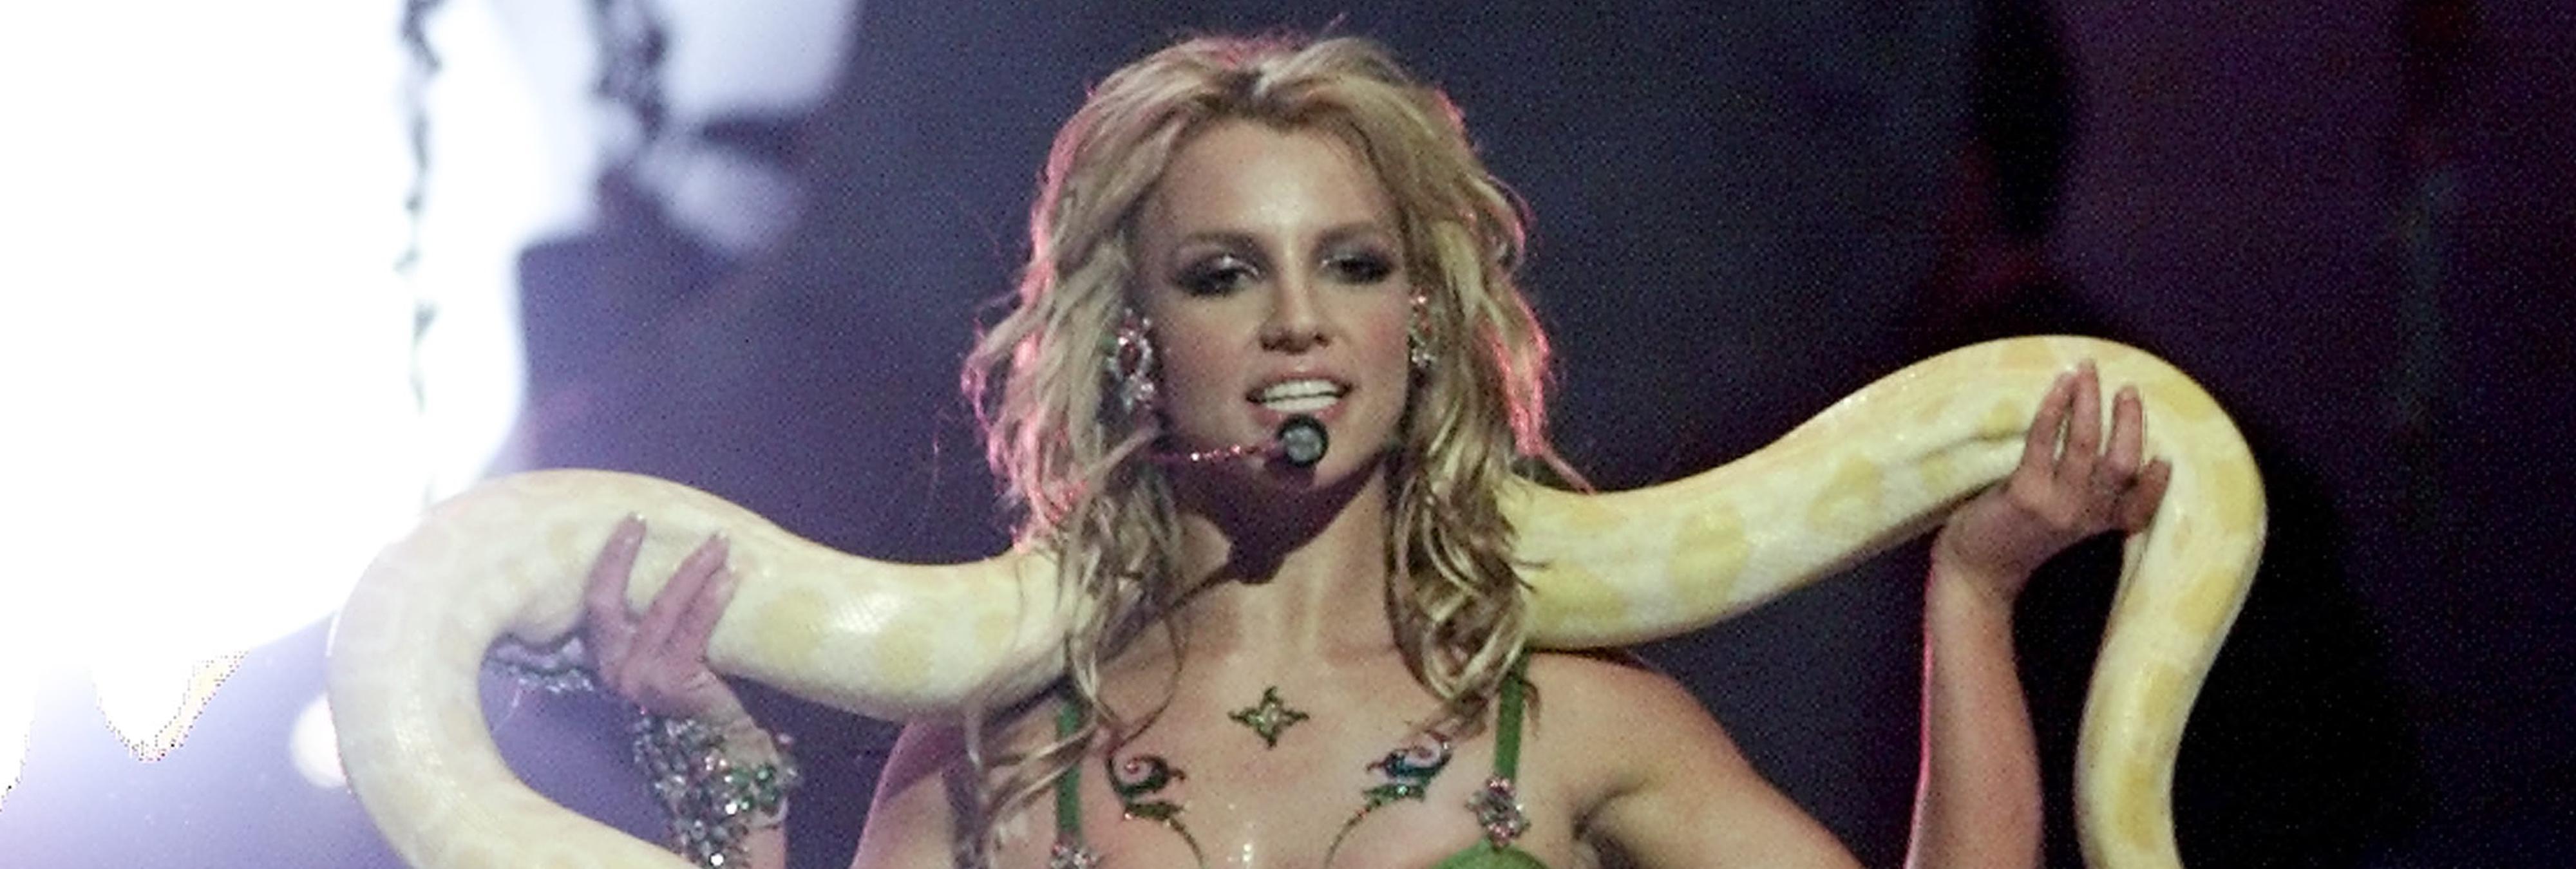 La verdad sobre la cantante que murió por una mordedura de cobra en el escenario